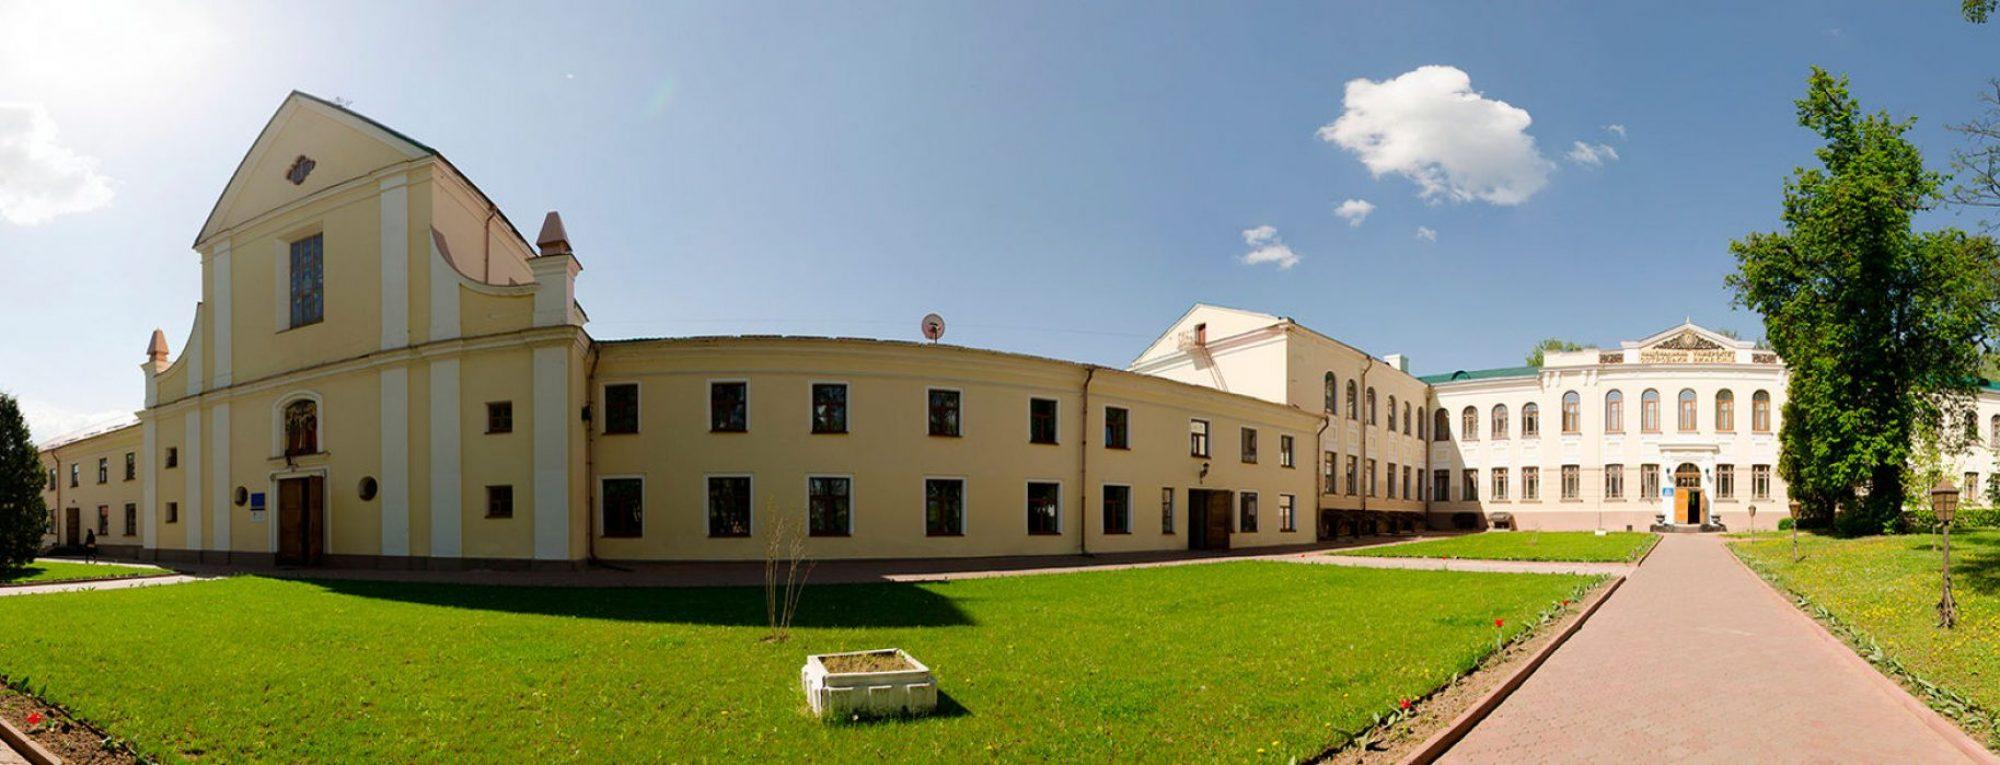 Міжнародний благодійний фонд Відродження «Острозької академії»